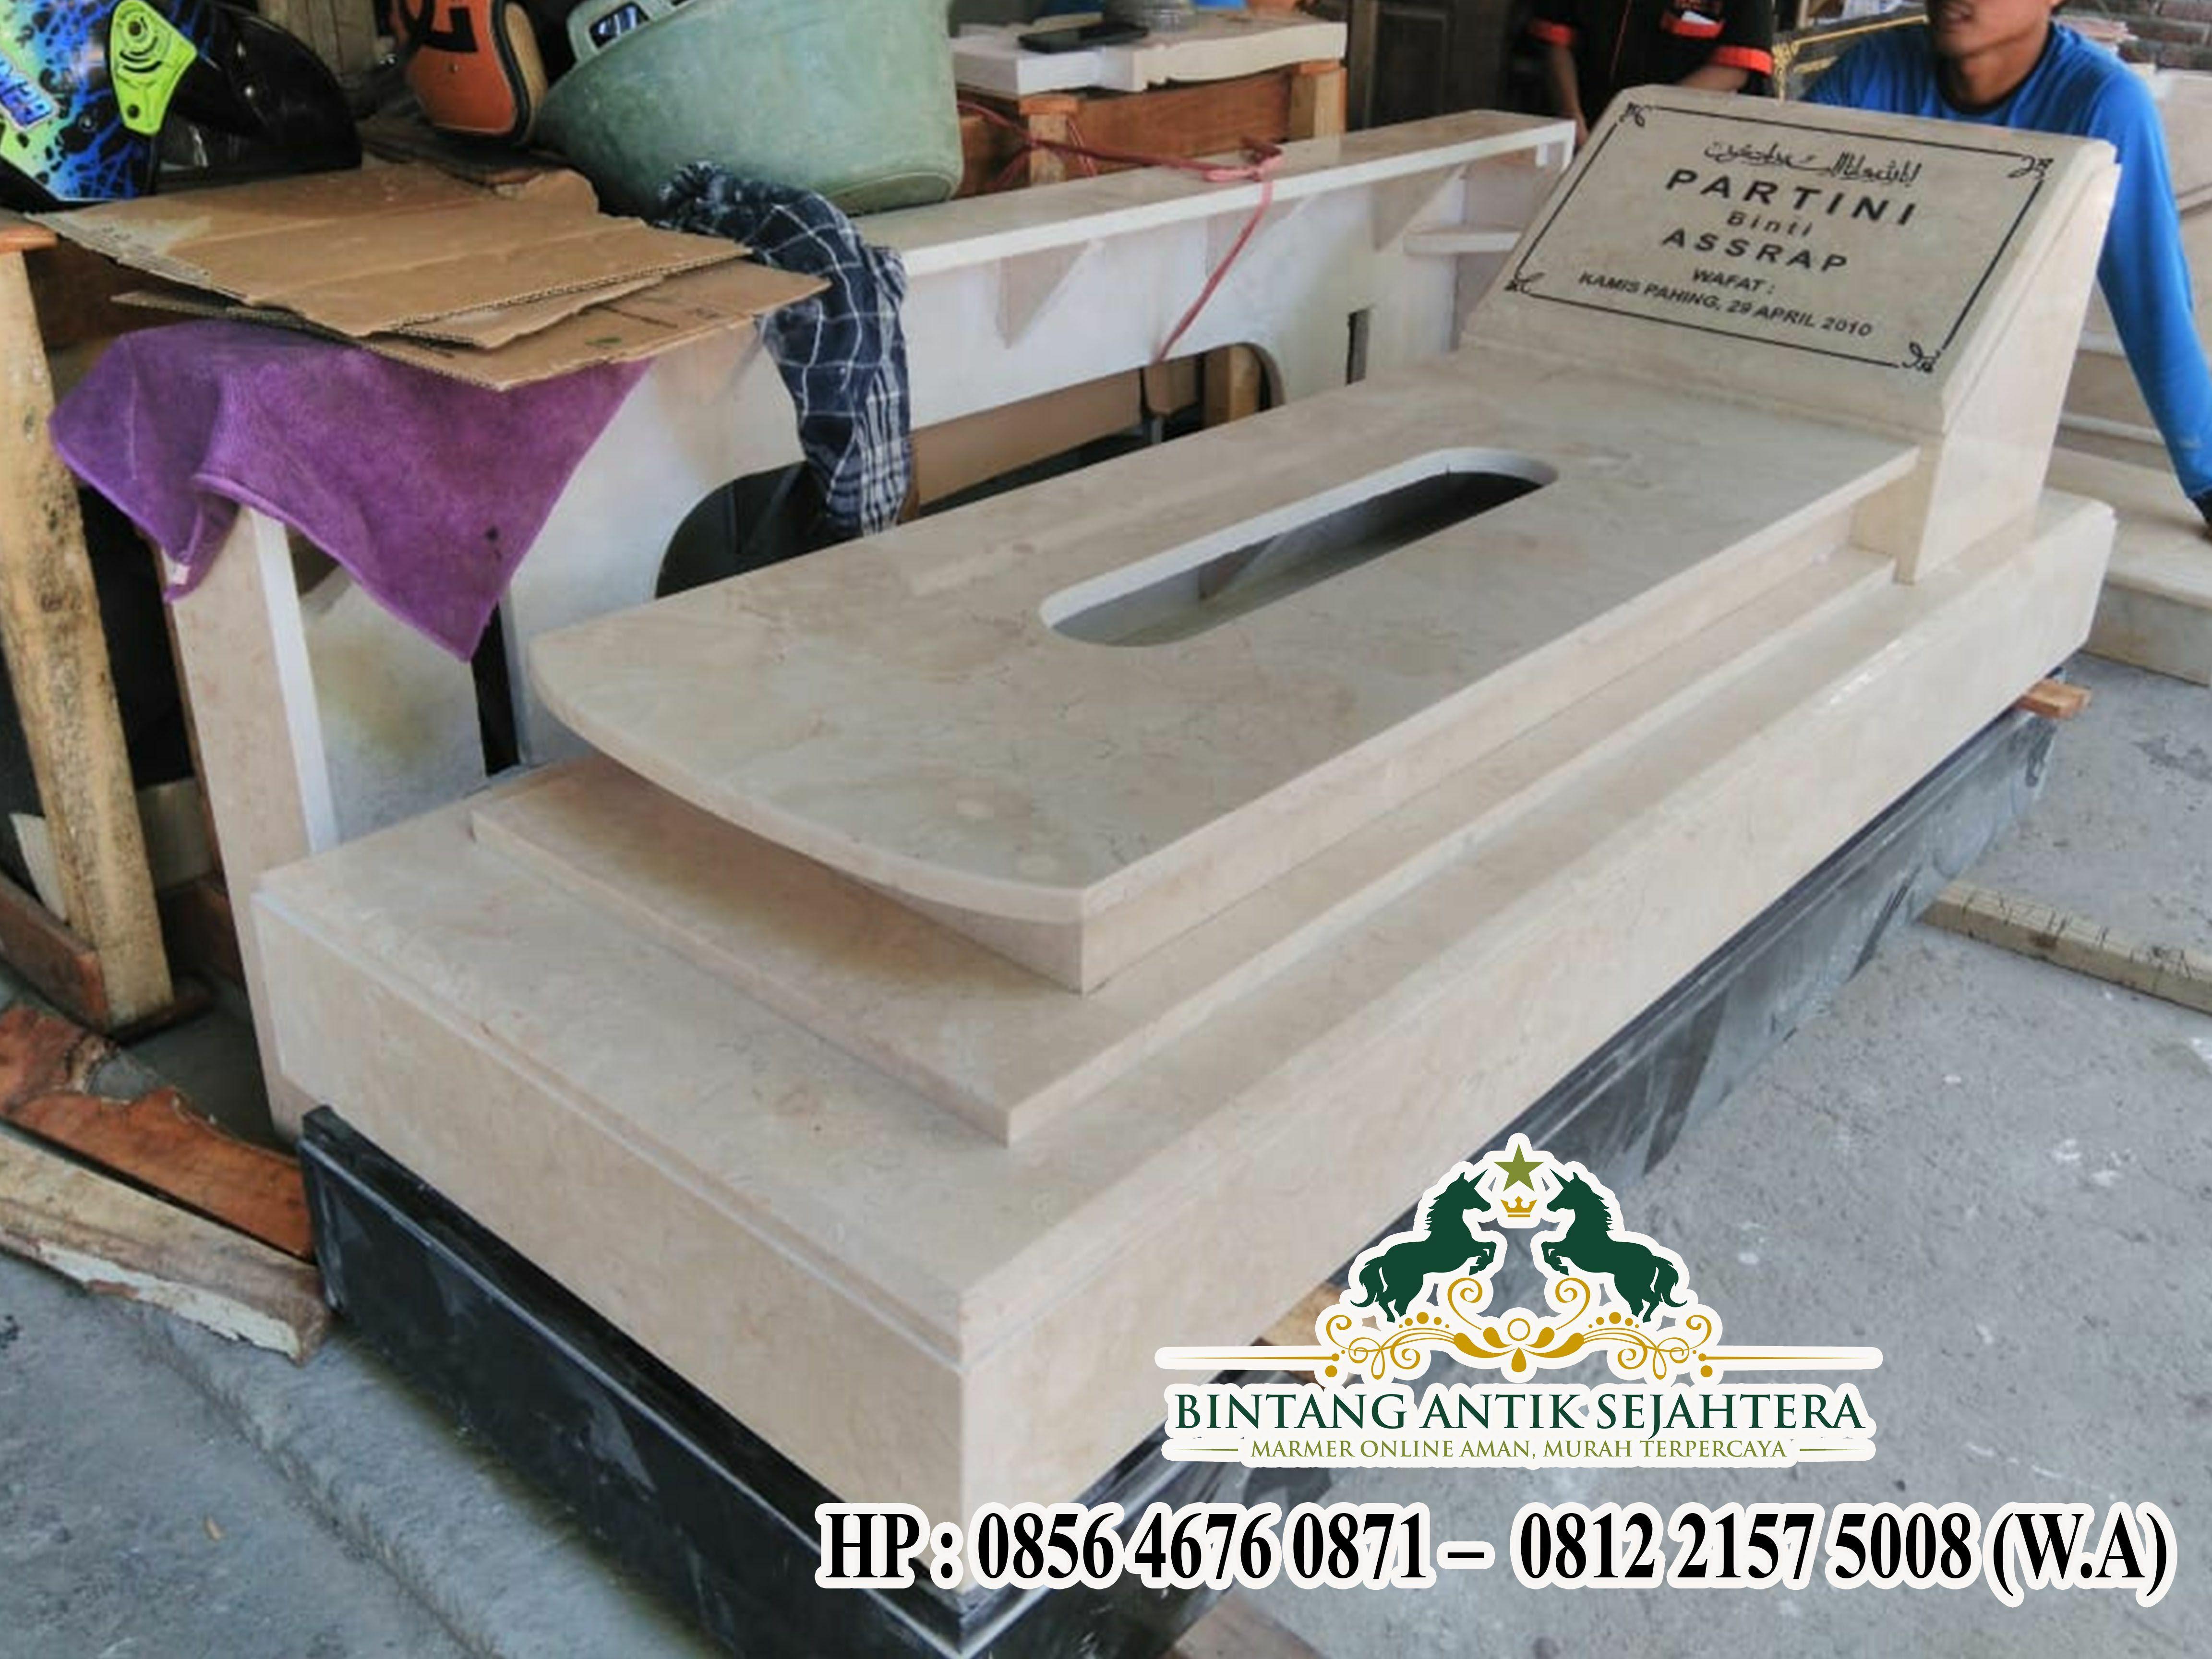 Jual Kijing Kuburan Marmer | Makam Marmer Berkualitas